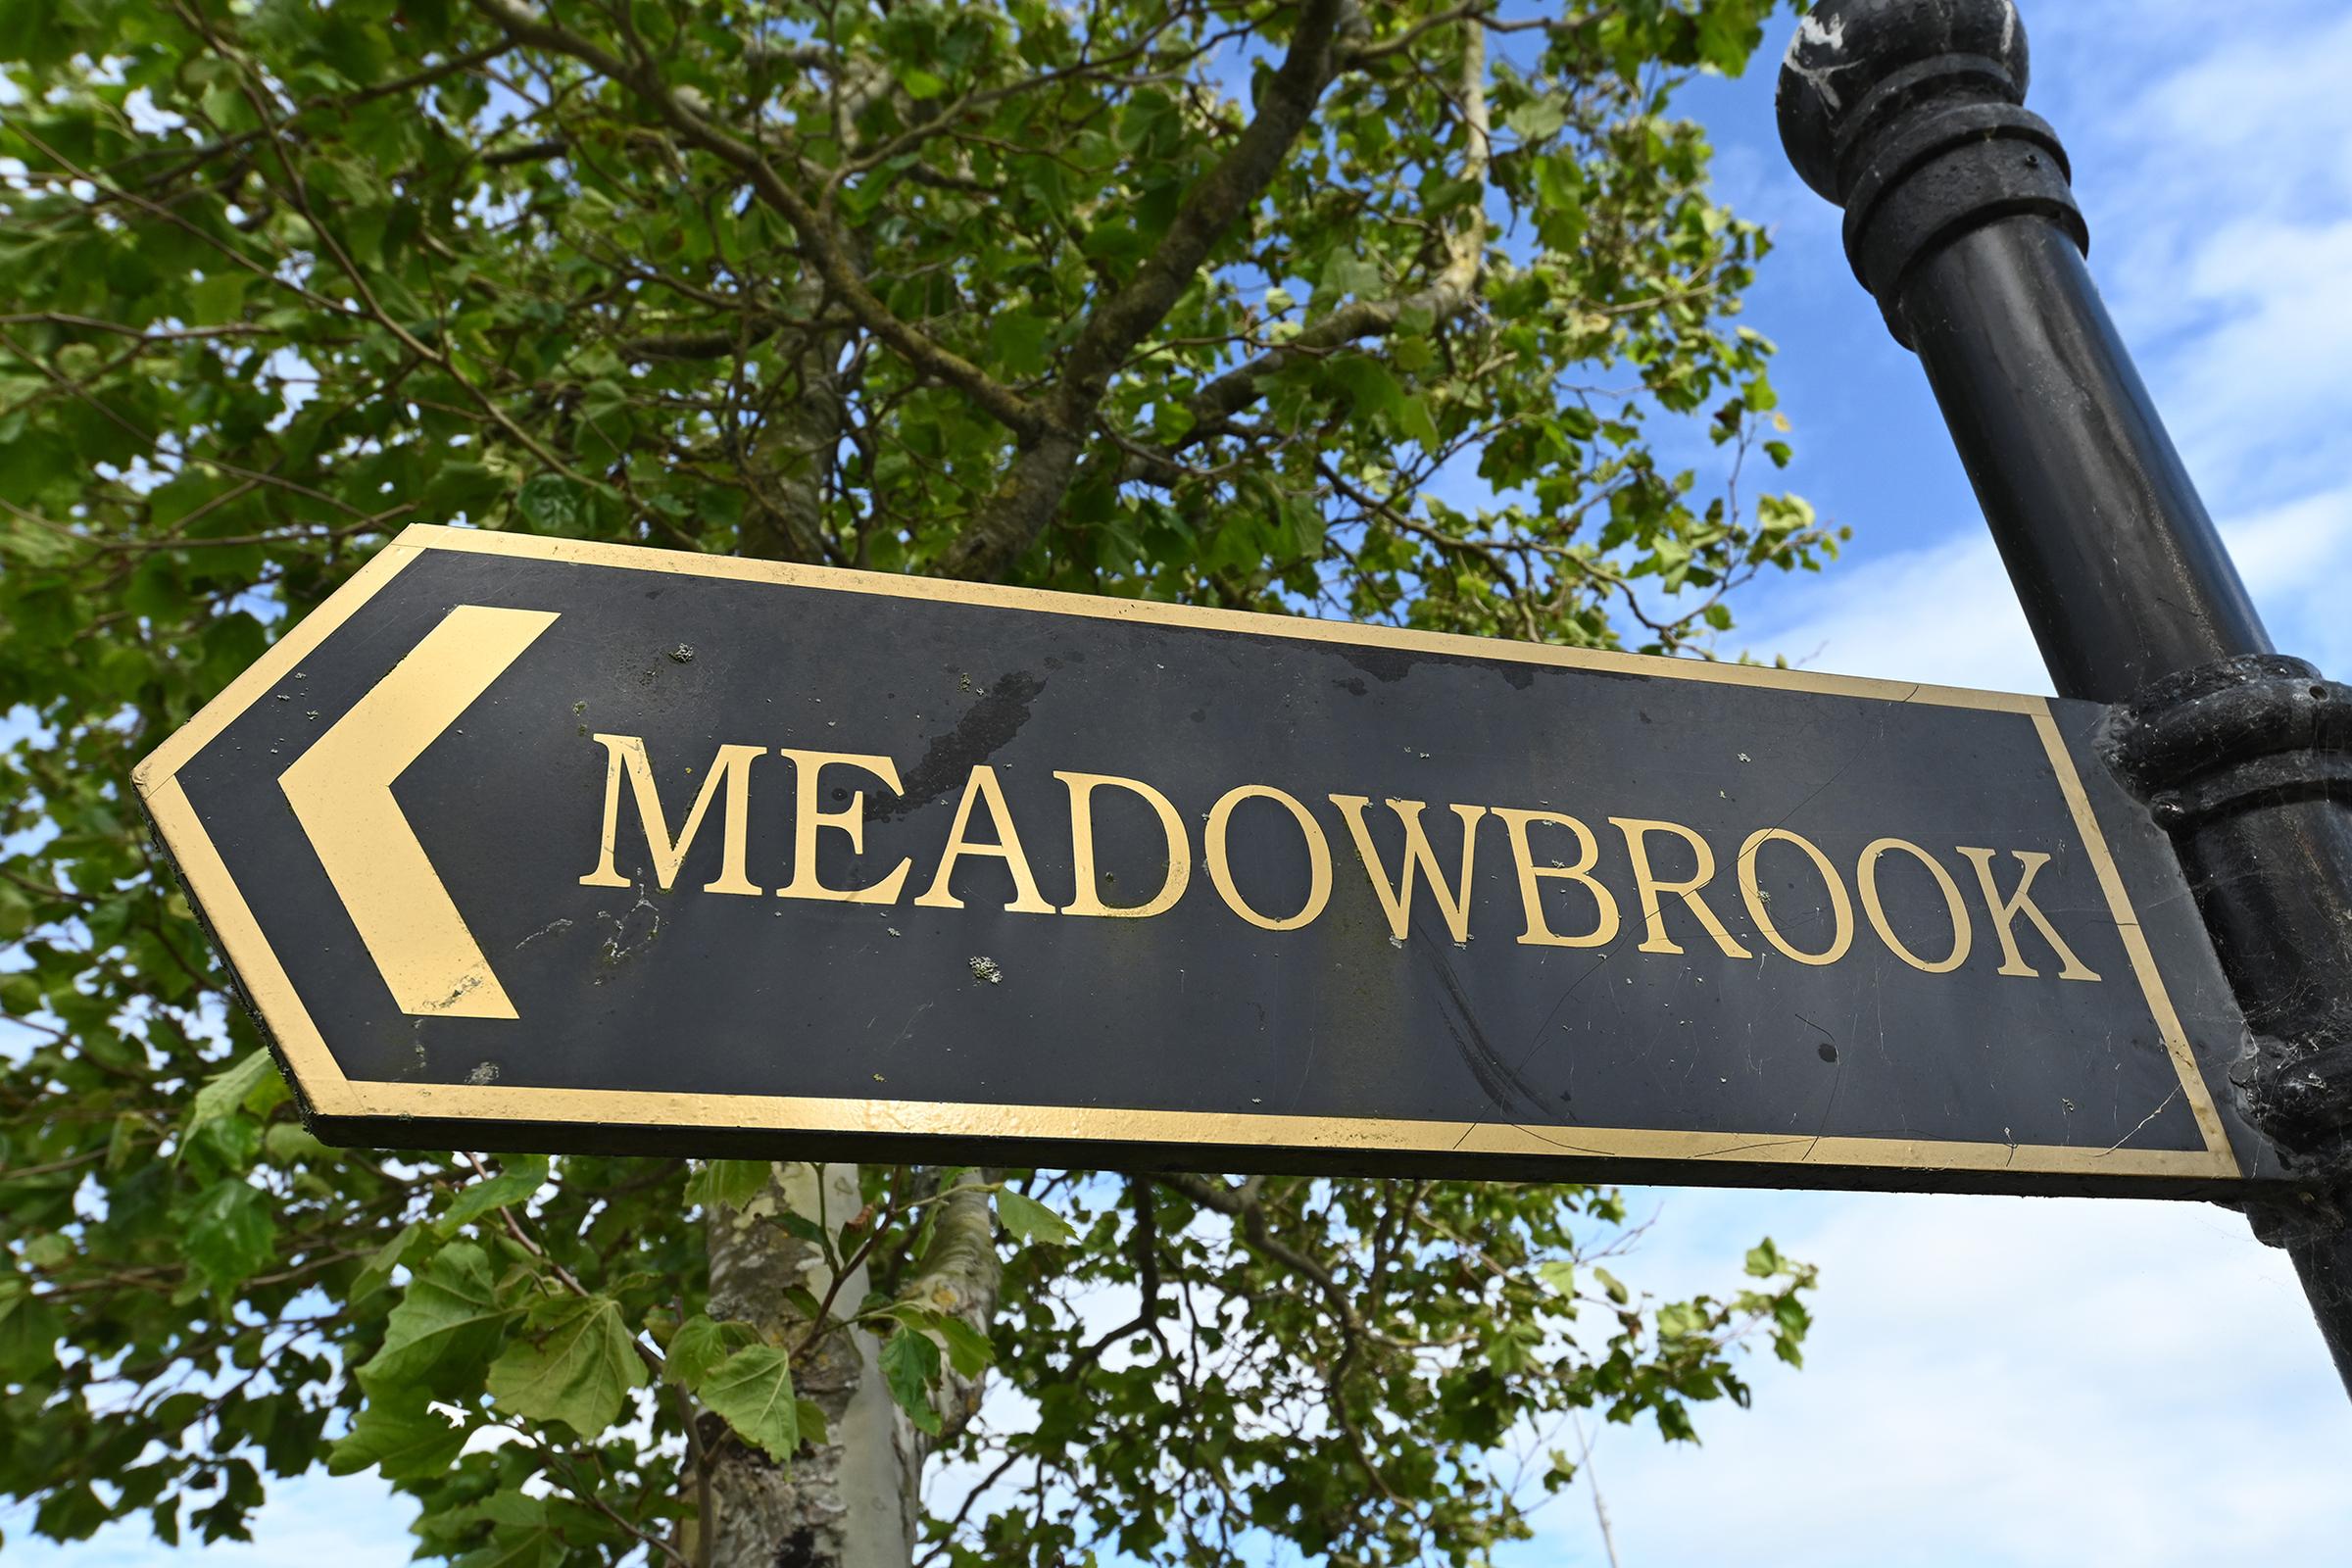 1 Meadowbrook, Herons Wood, Carrigaline, Co. Cork